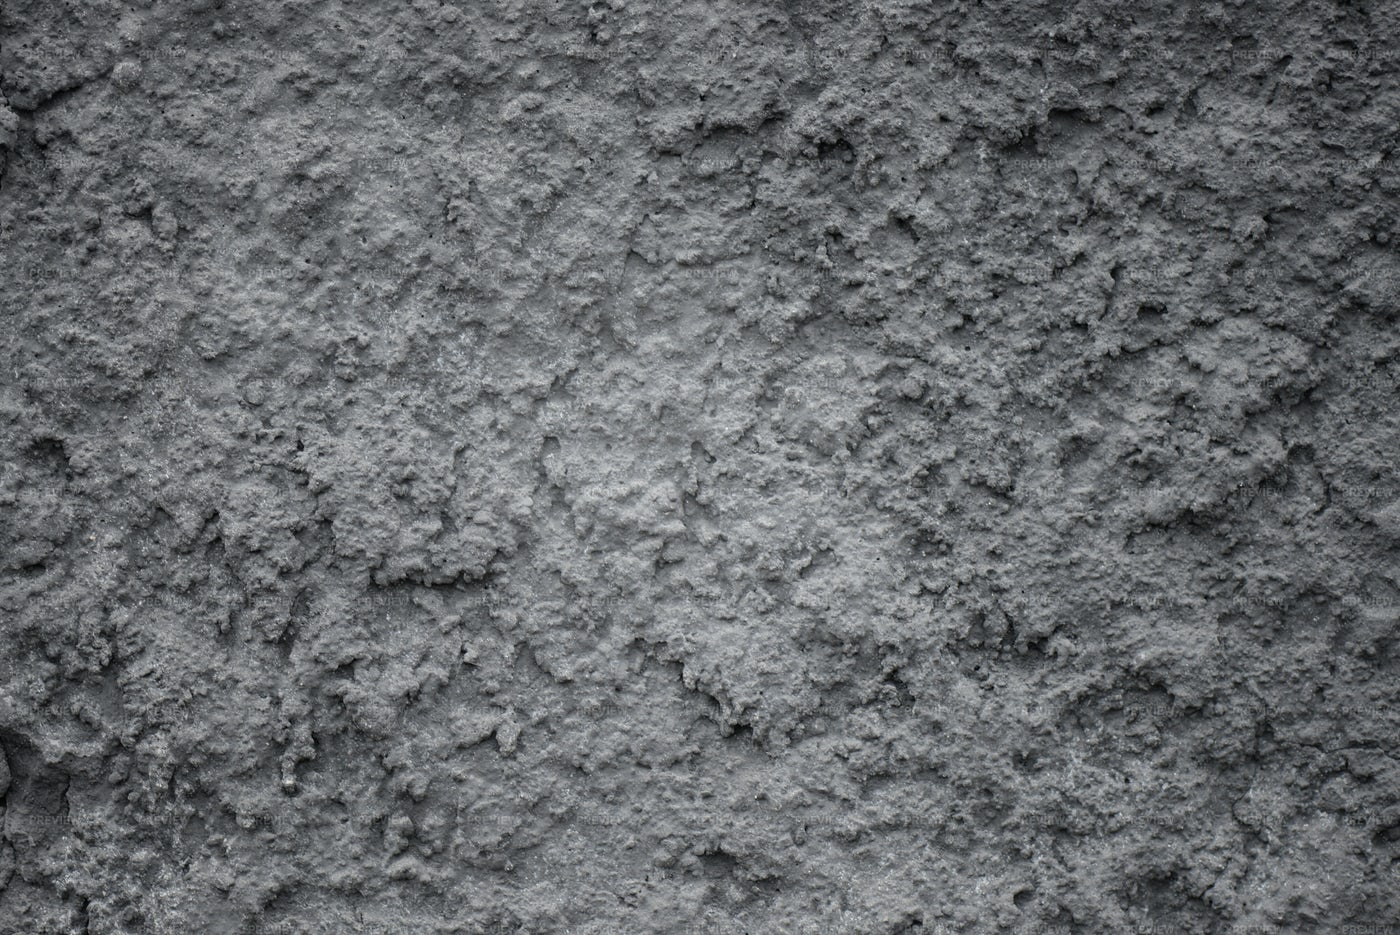 Gray Rough Concrete: Stock Photos